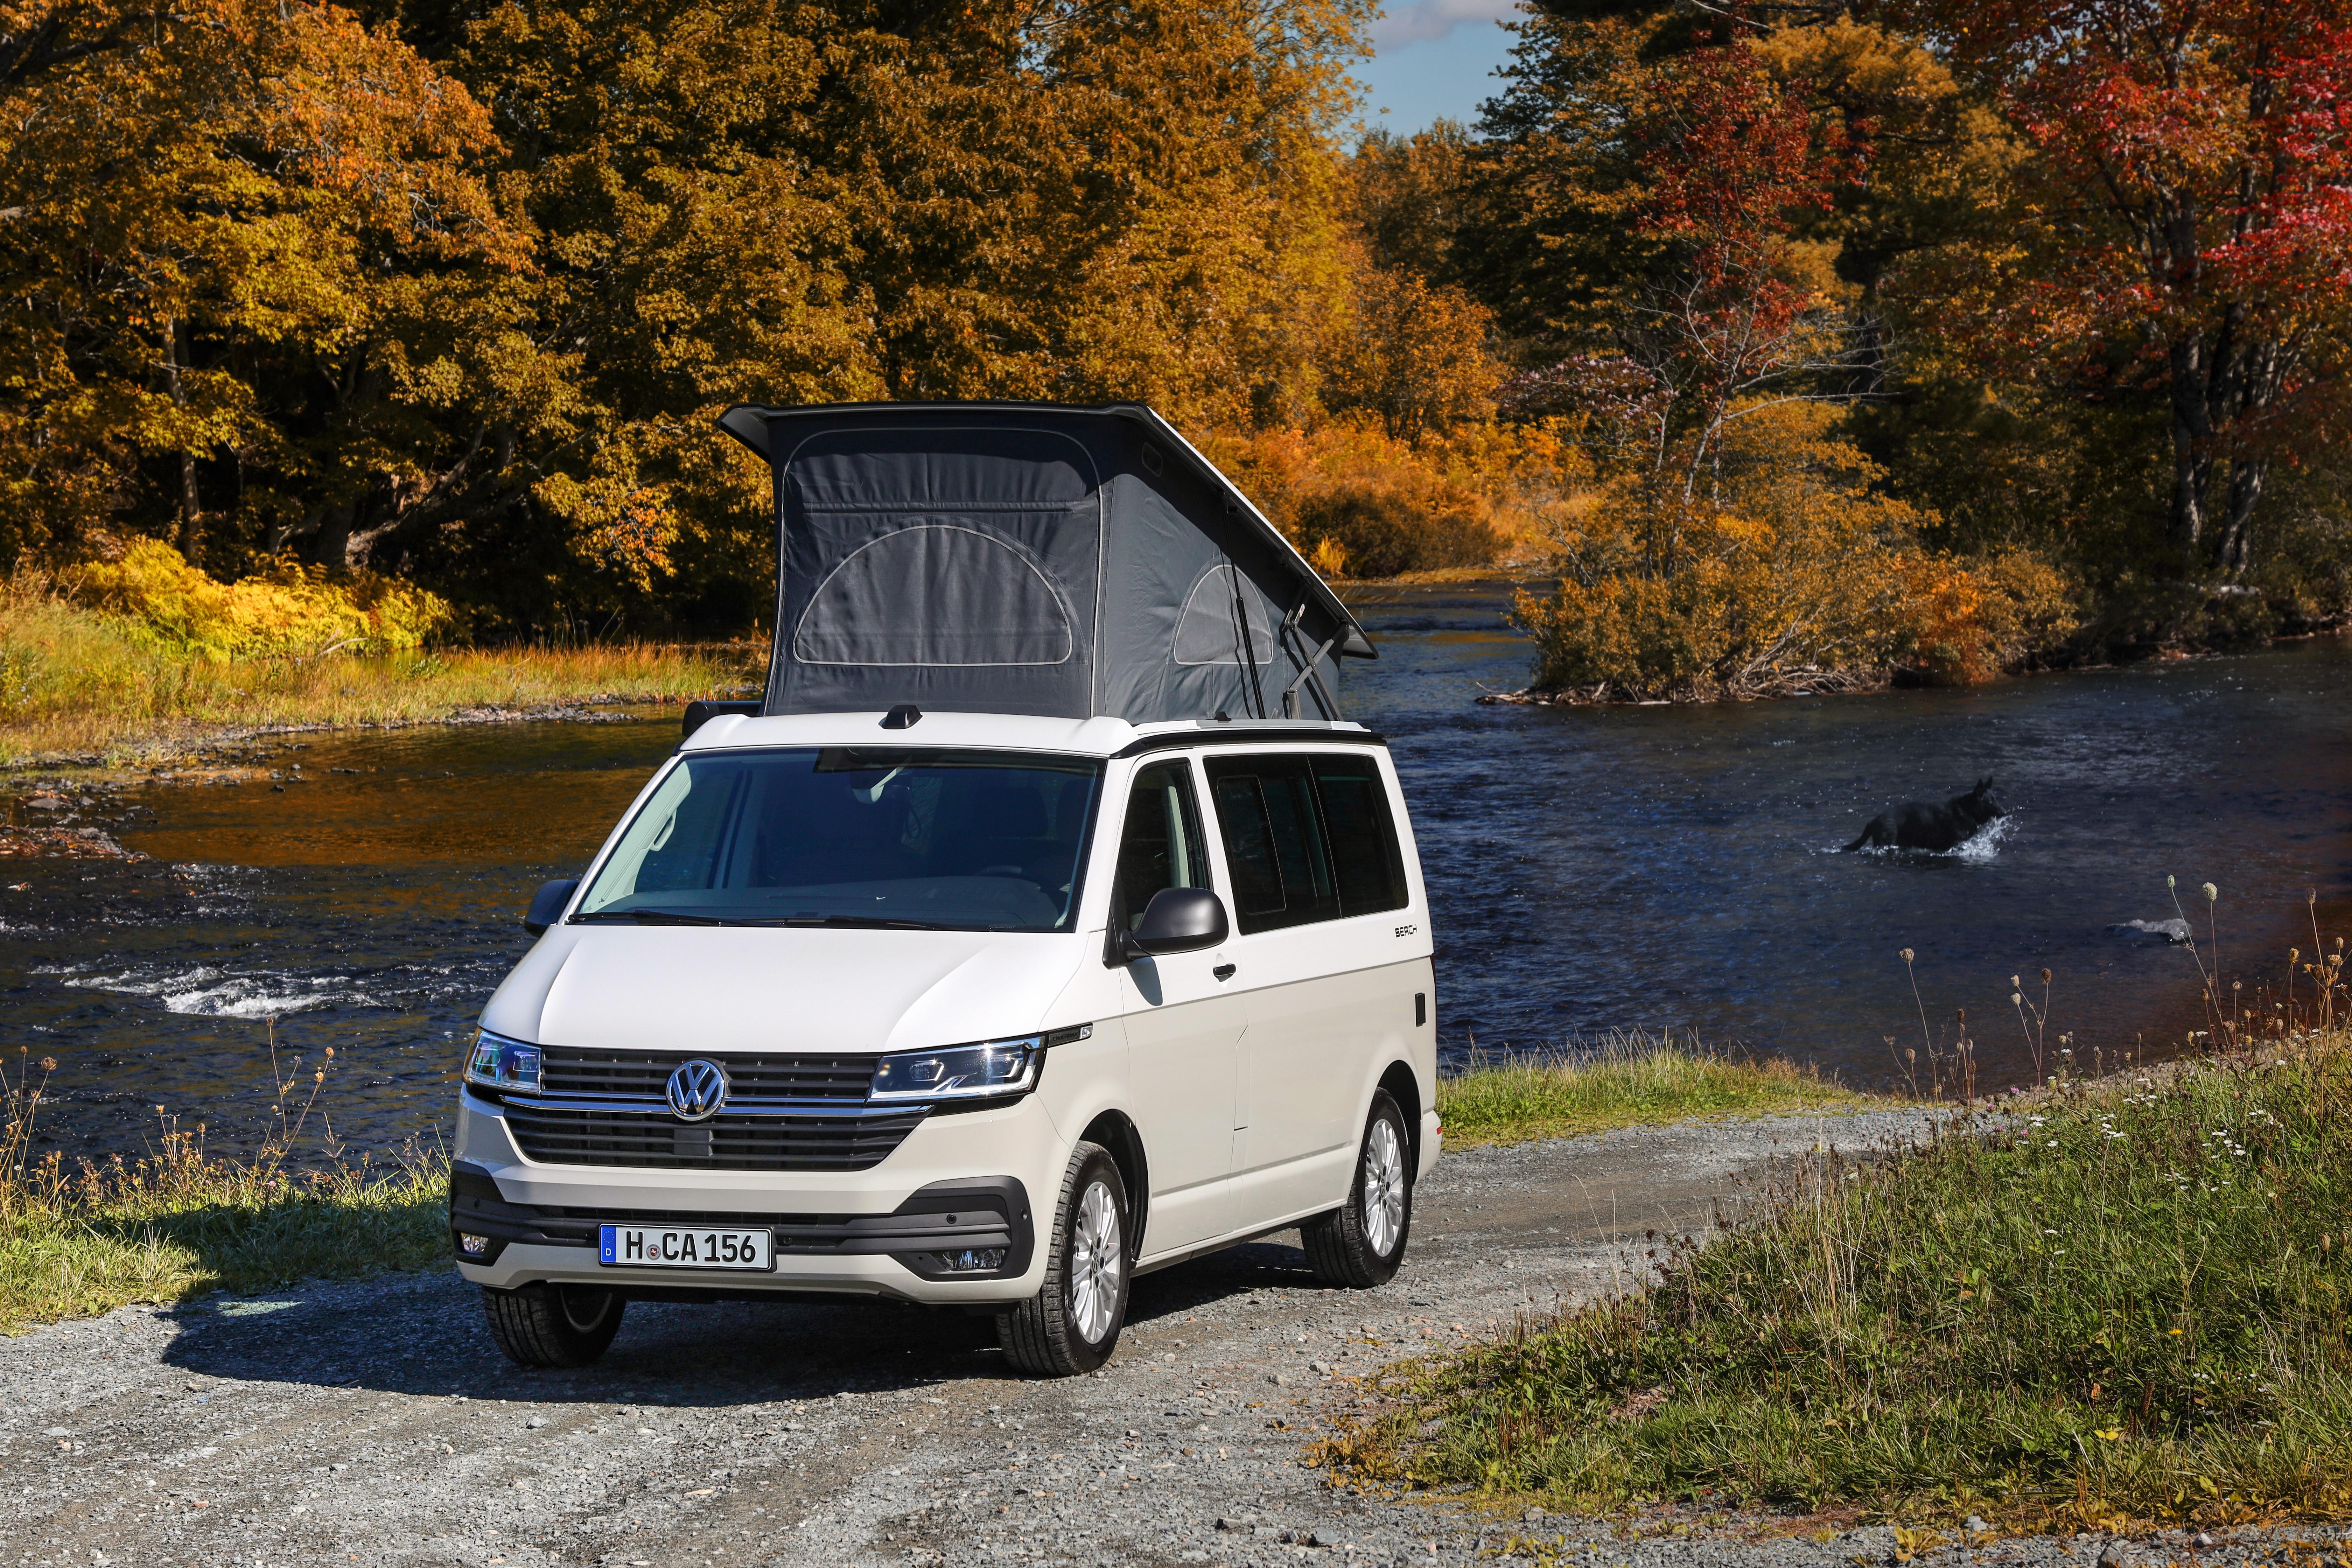 Volkswagen California T6.1 camper